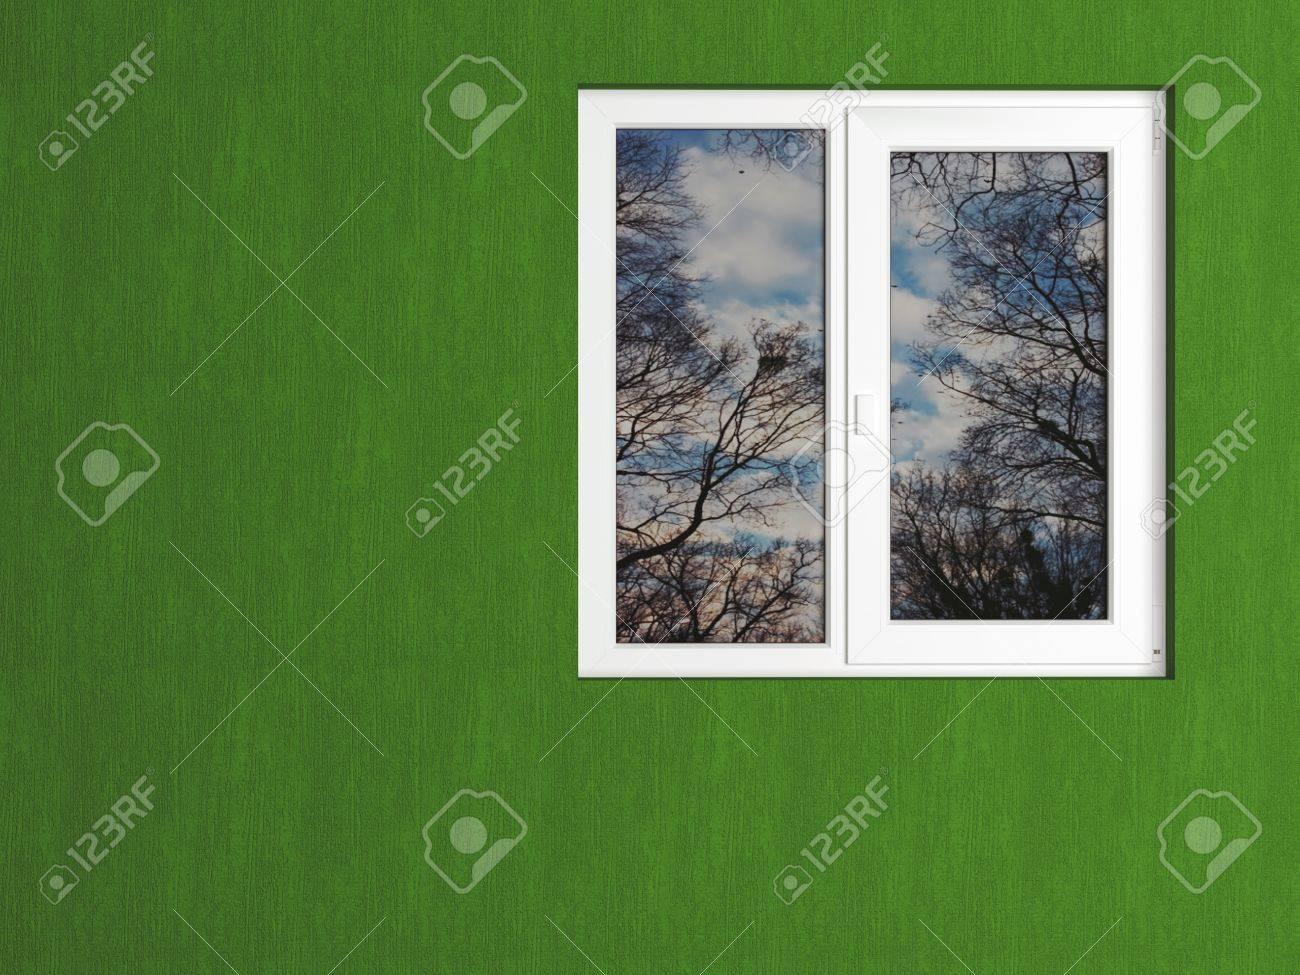 Grüne Wand Und Weiße Fenster Spiegelt Die Natur. Haus Außen. Standard Bild